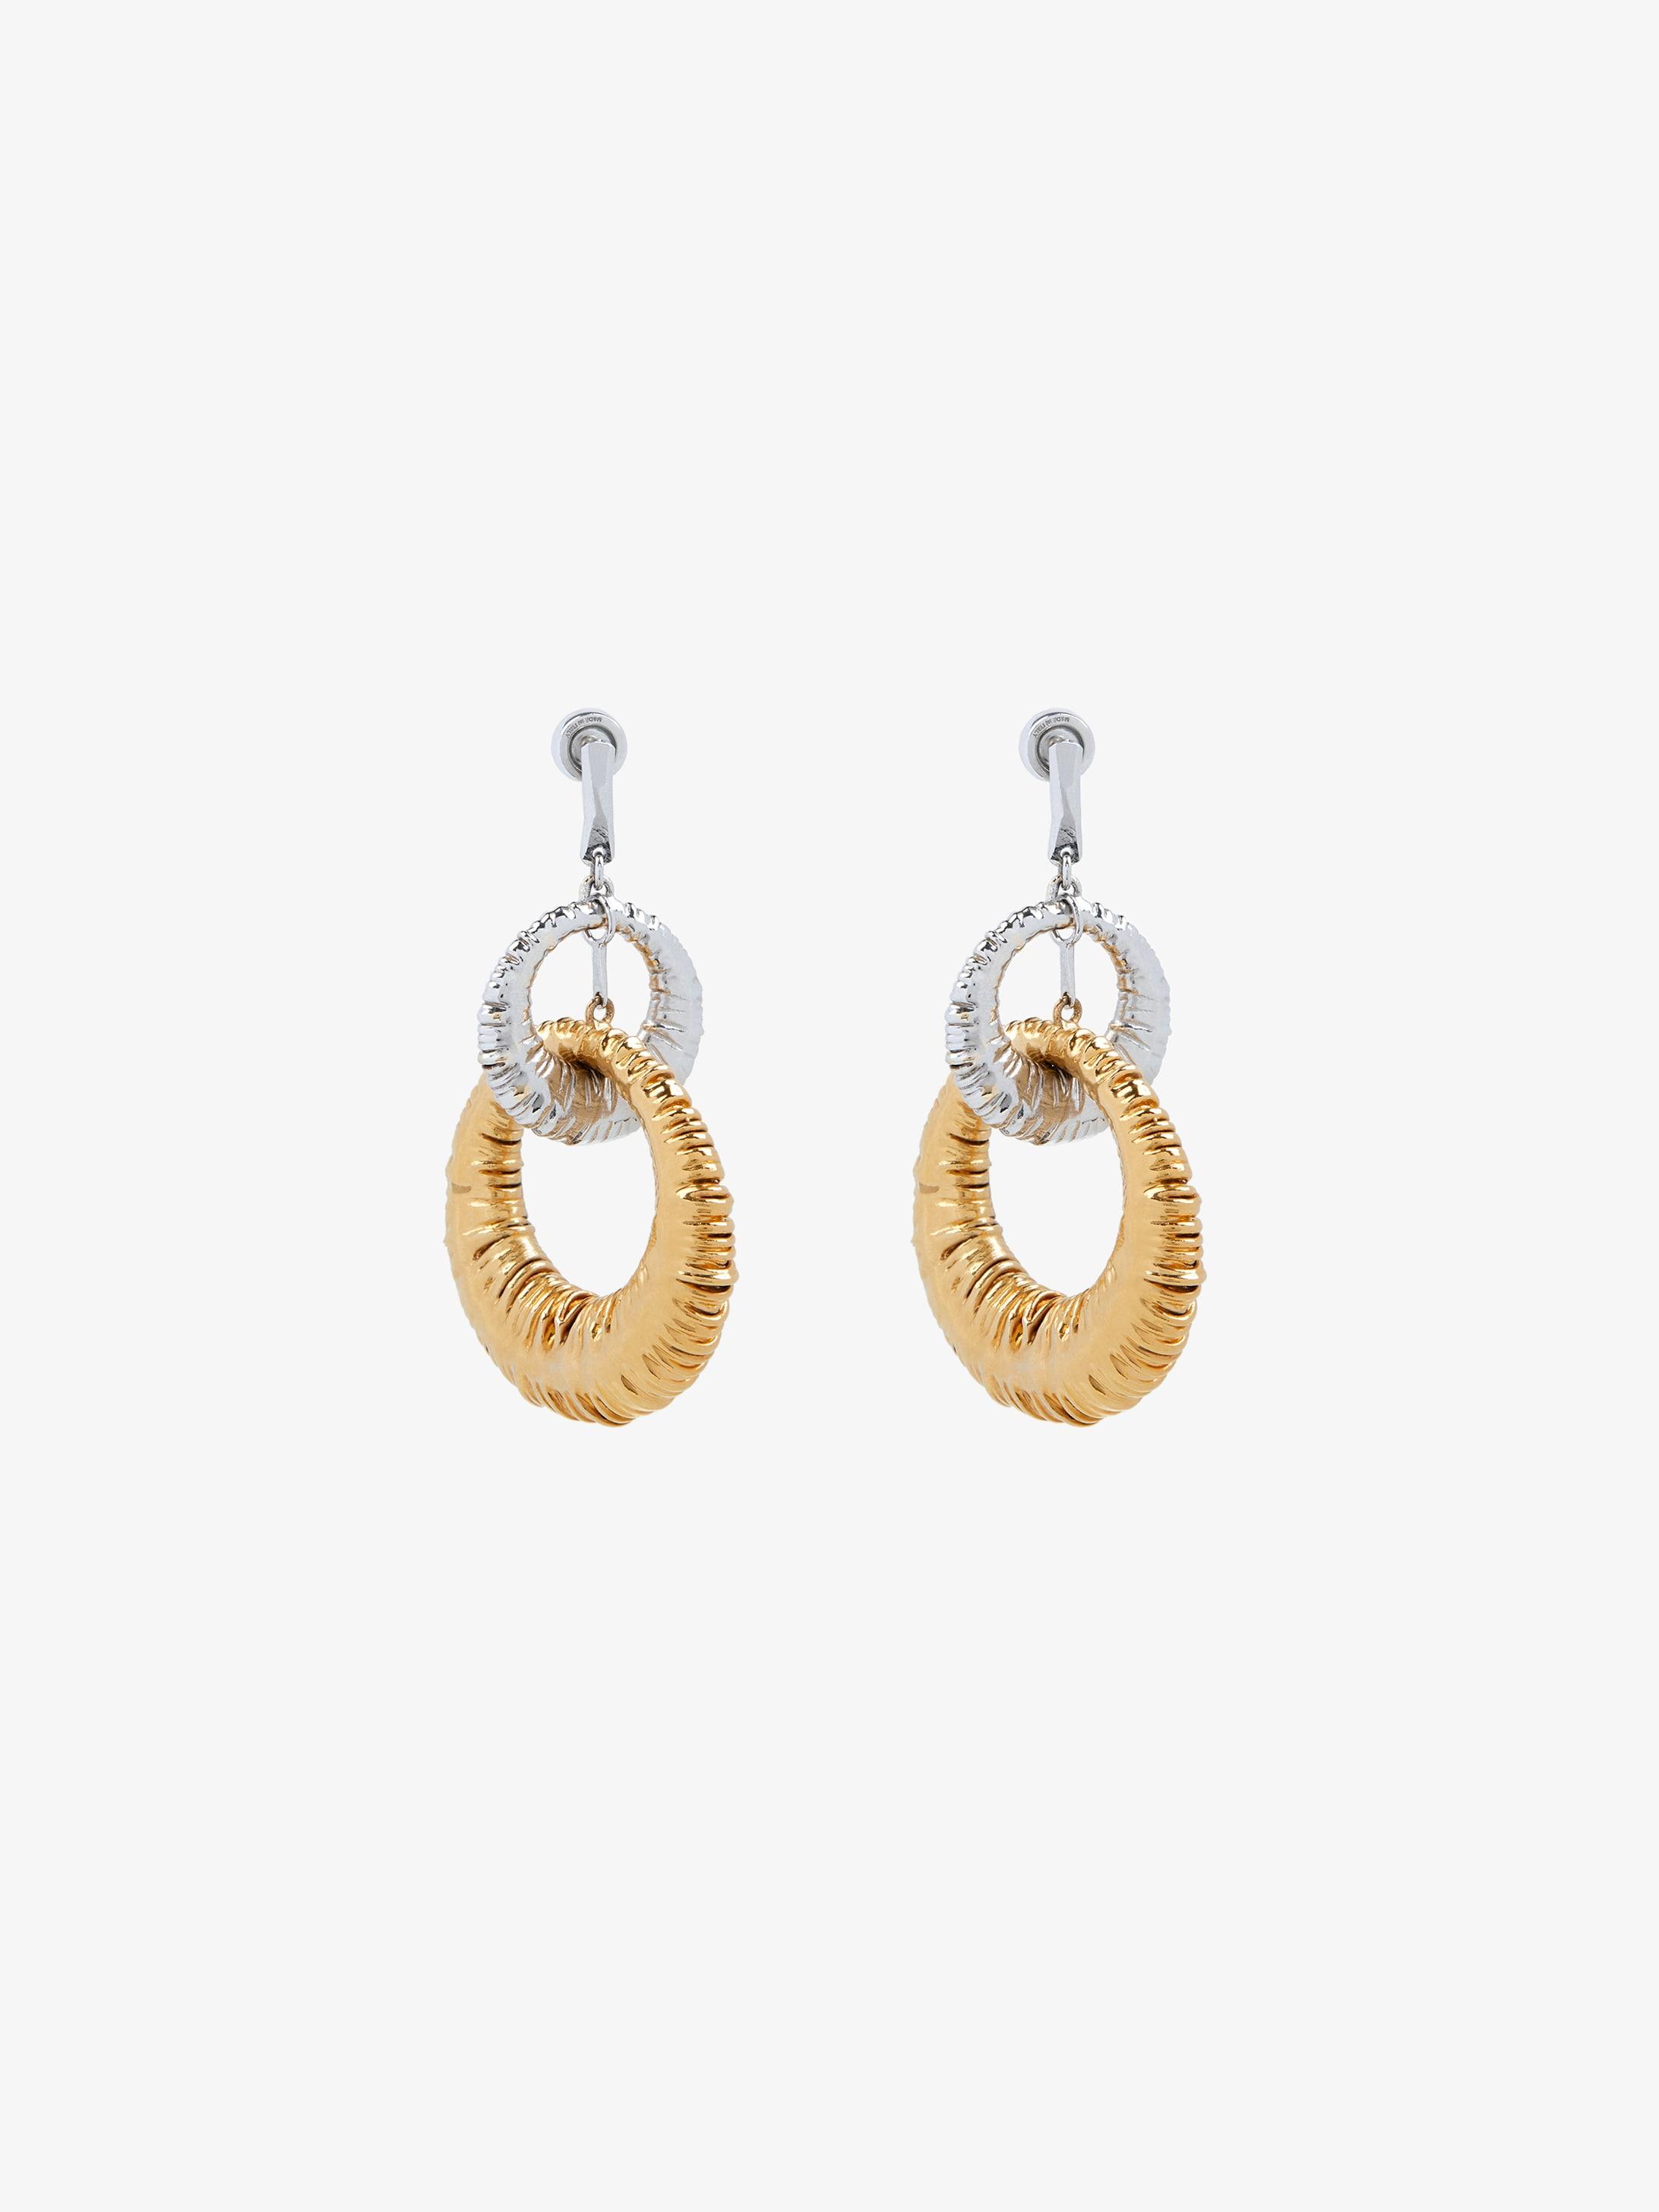 Eclipse earrings